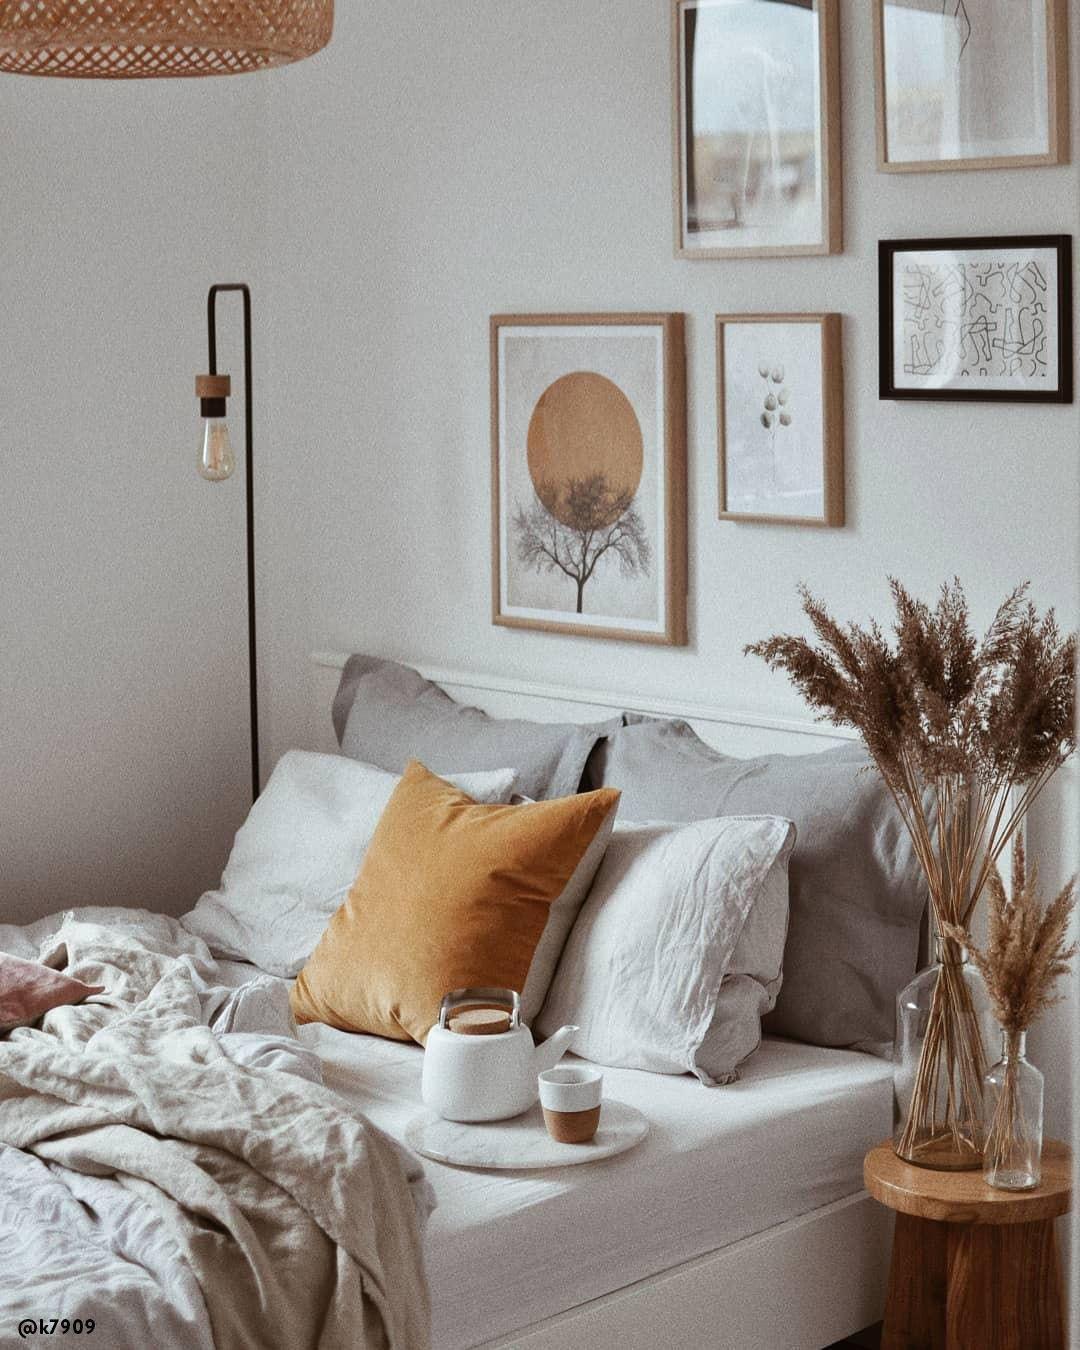 Zeit für einen Stilmix: Scandi goes Boho! Wenn zwei angesagte Stil-Richtungen aufeinandertreffen, ist das Ergebnis doppelt schön! Die geradlinige Modernität des Scandi-Styles wird mit auffälligen Boho-Elementen aufgelockert und zum weltumschließenden Wohnkonzept. Kombiniere zu puristischen Möbeln, Teppiche im Beni-Ourain-Stil, Flecht-Körbe und stilvoller Deko, fertig ist der Stil-Mix zum Verlieben!